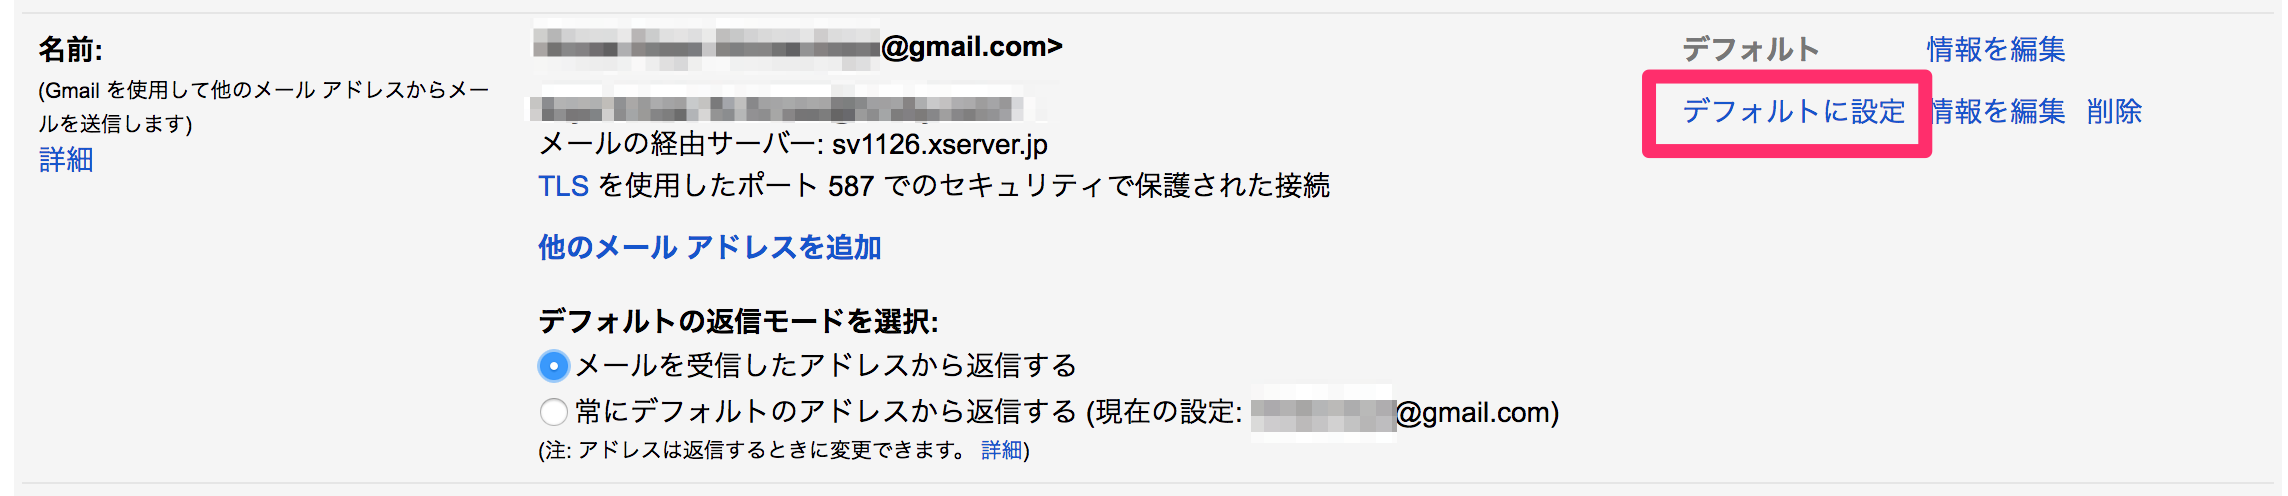 From のメールアドレスをドロップダウンリストで選ぶことができます